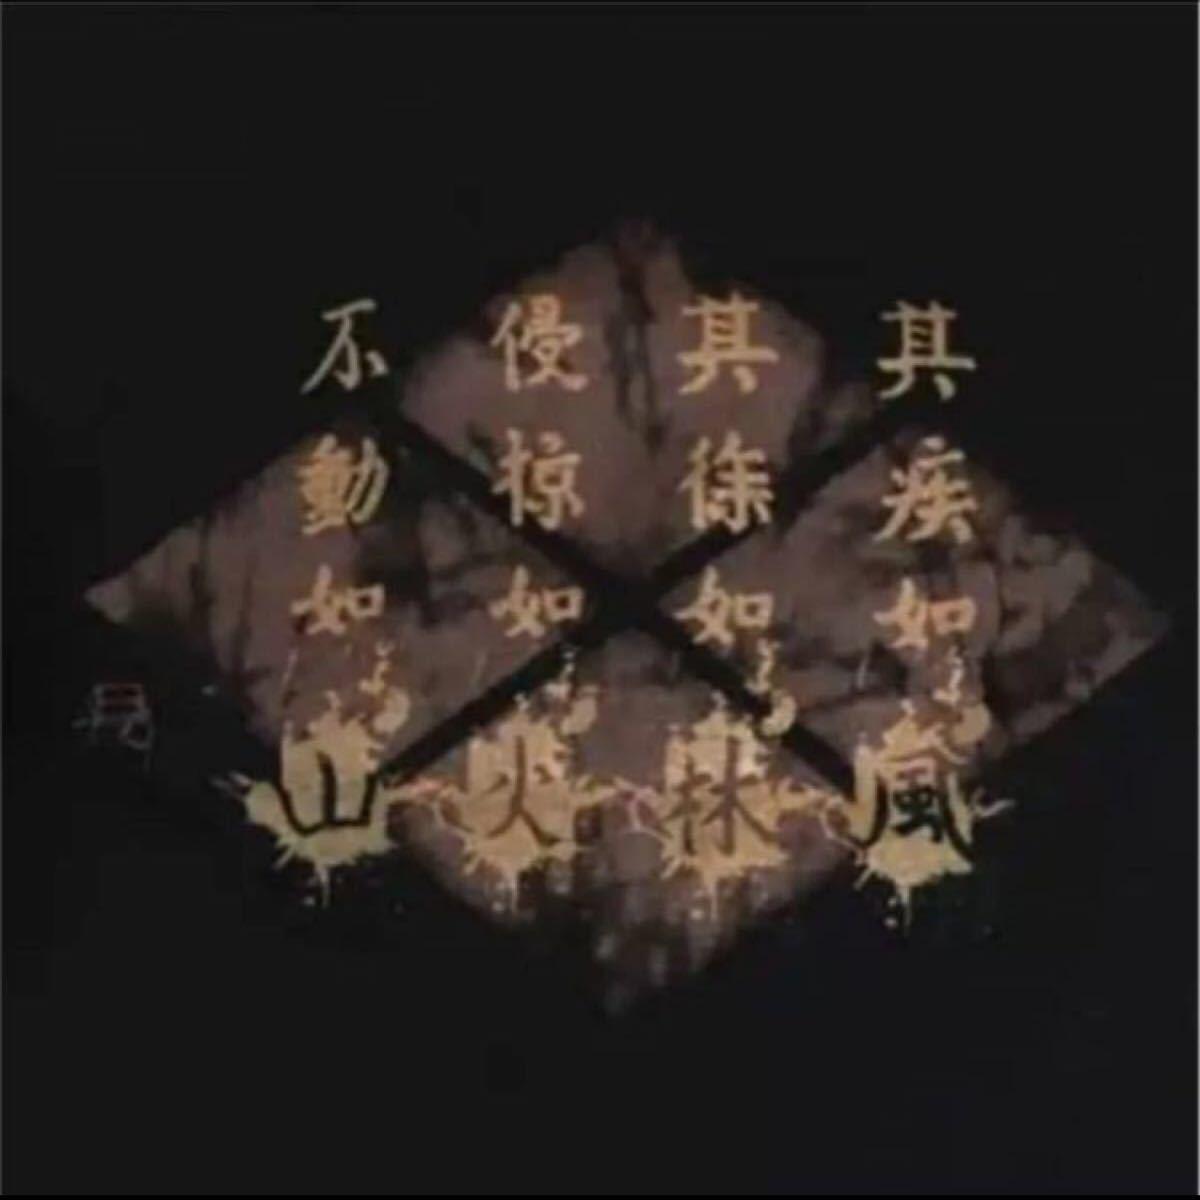 新品 戦国武将 武田信玄 24将 Tシャツ ブラック XLサイズ